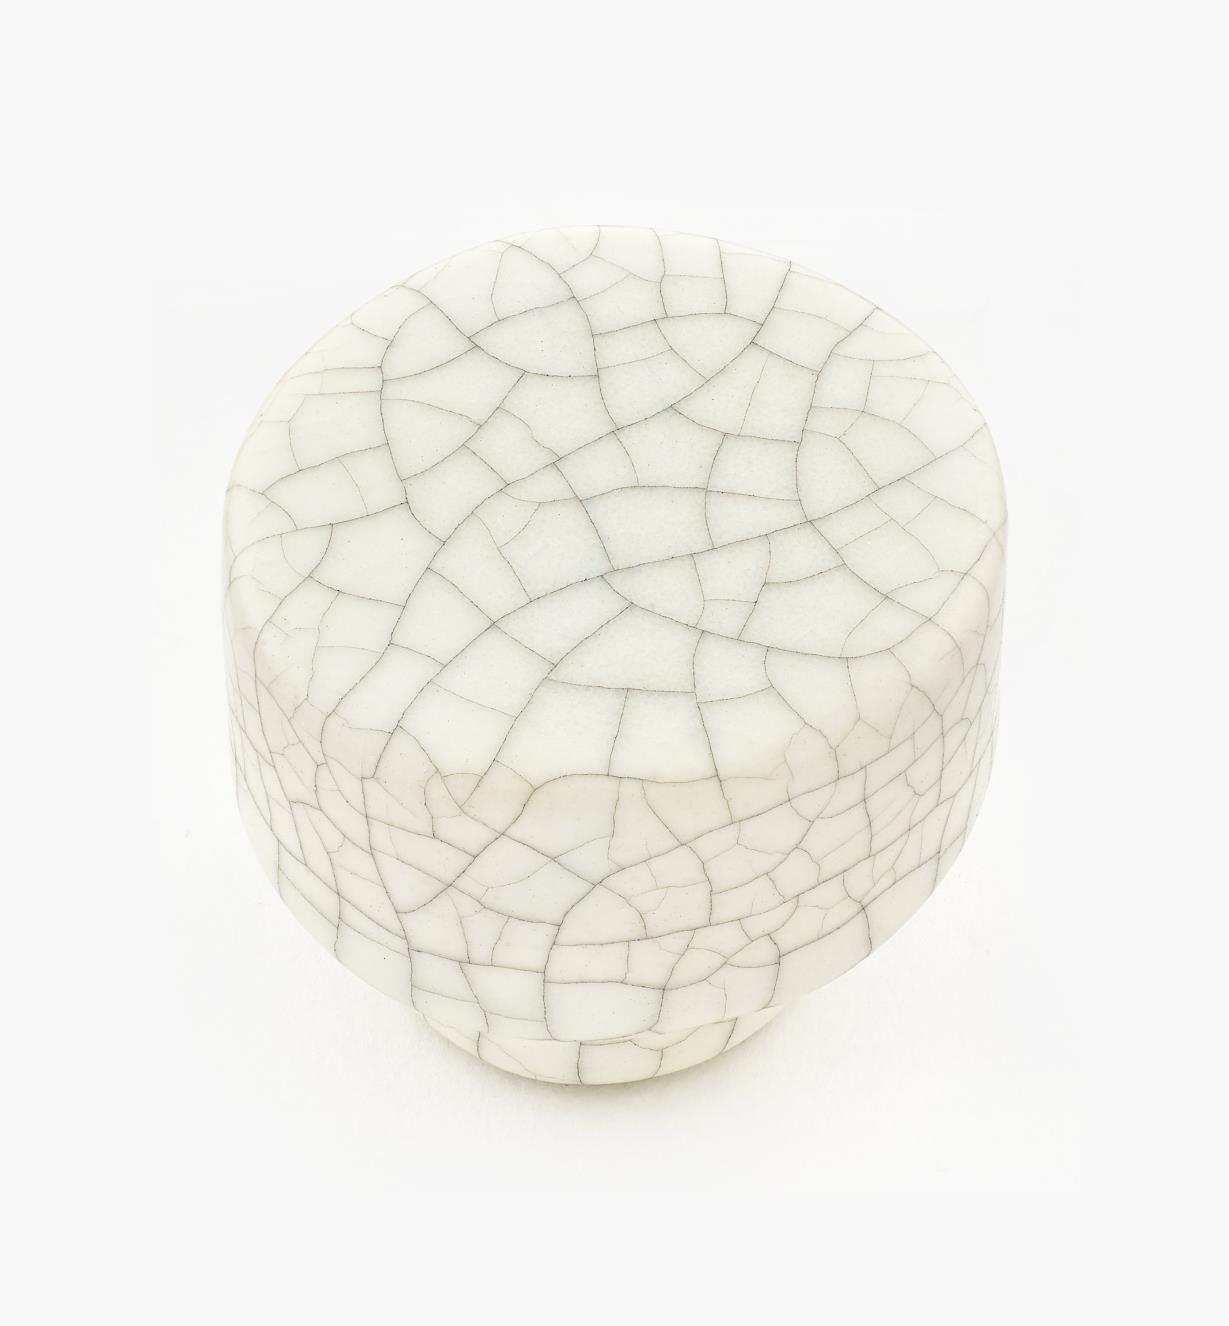 01W0551 - Bouton rond craquelé en céramique, 35 mm x 30 mm